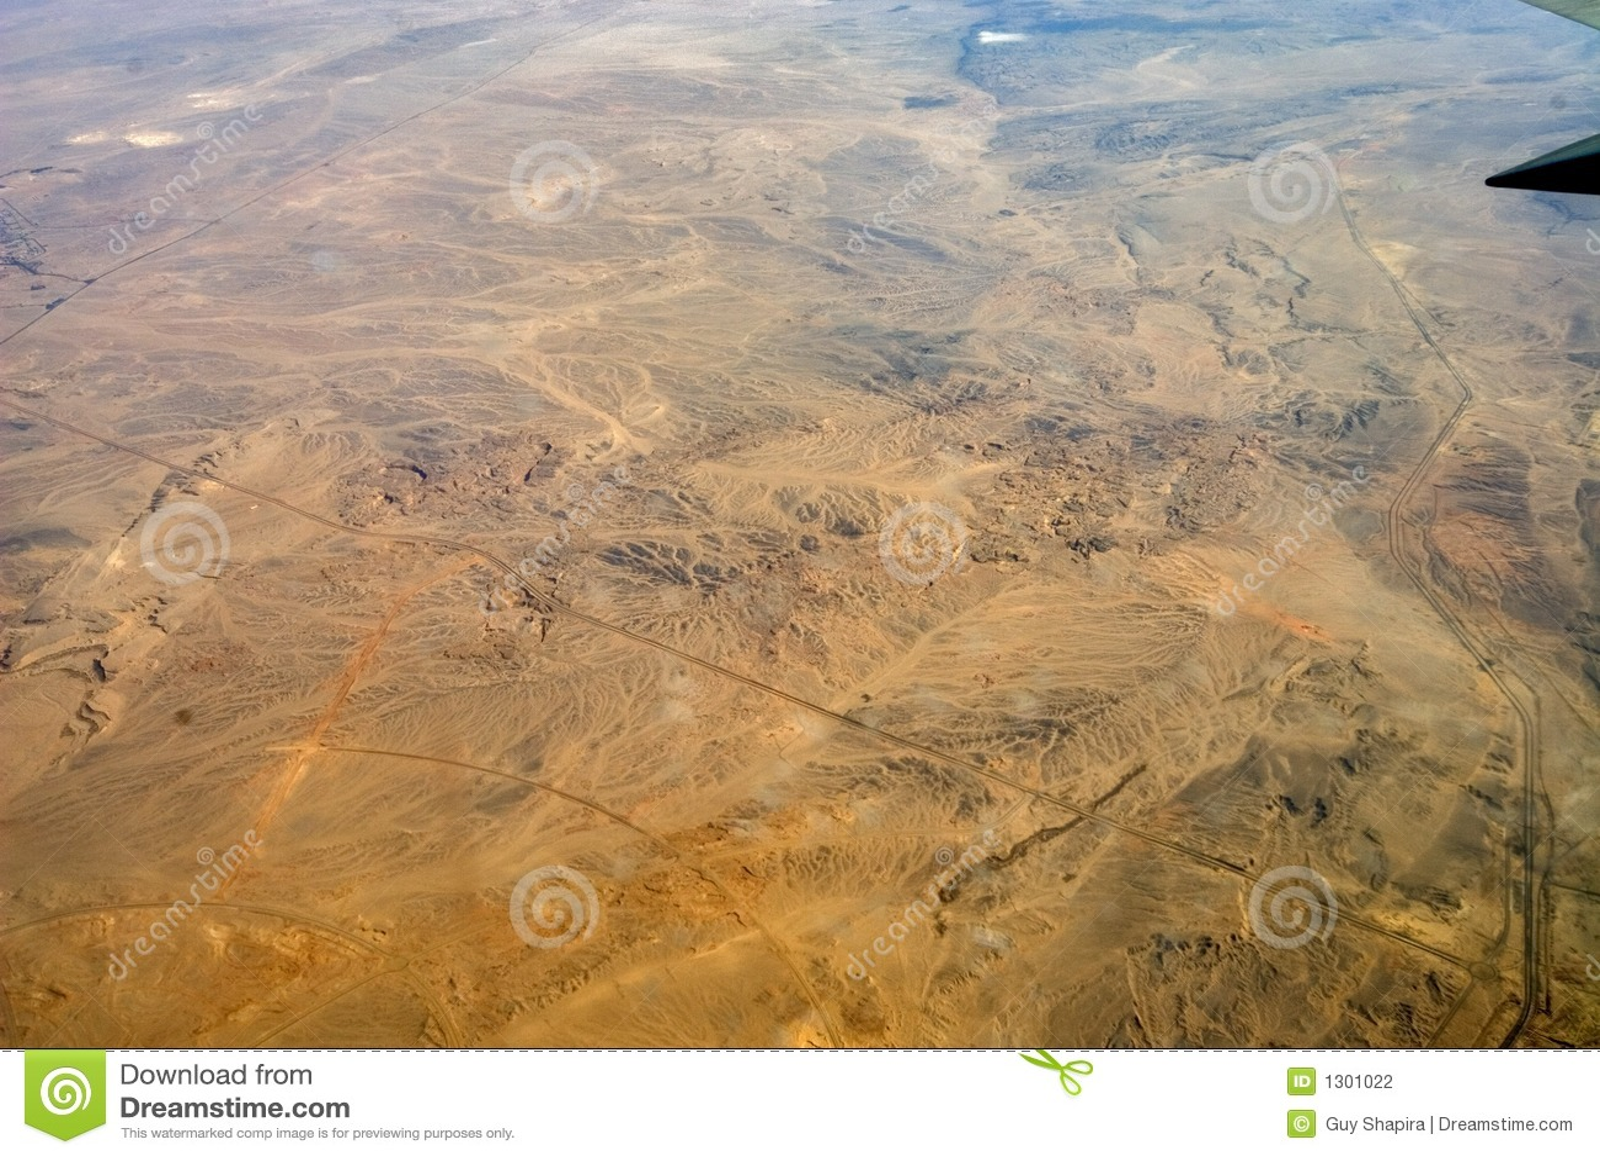 Desert, Egiped, sand, plane